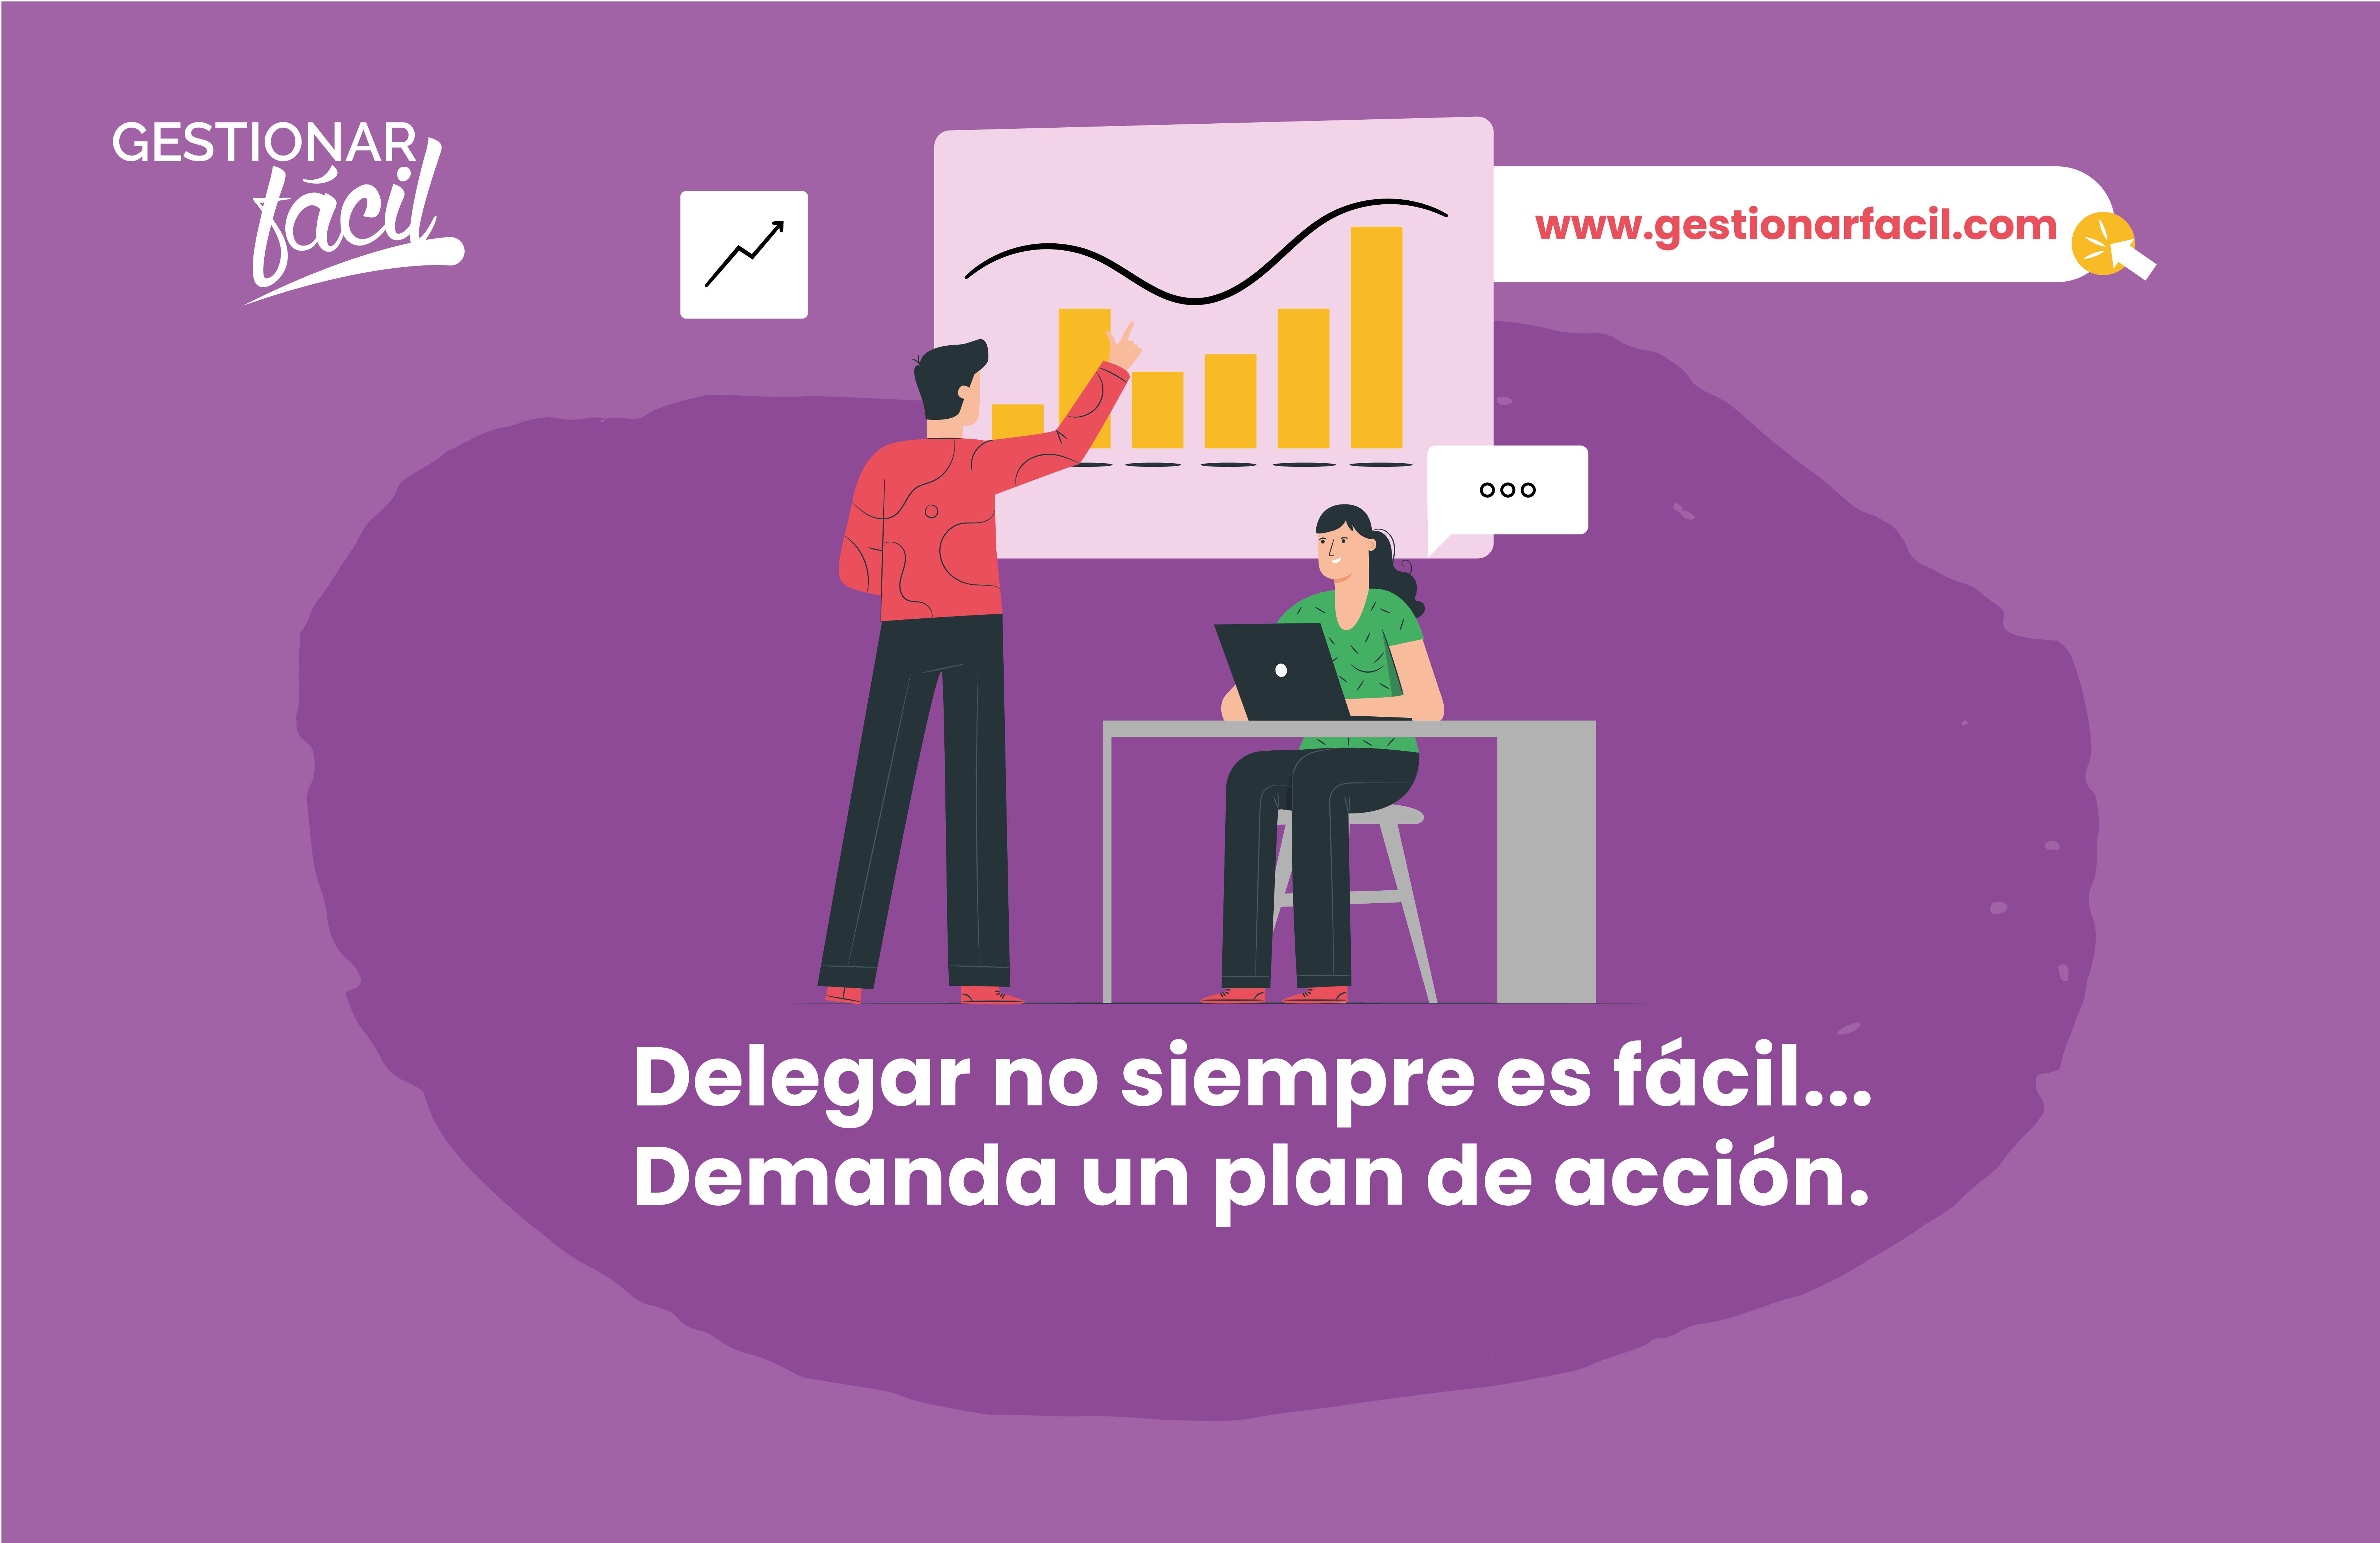 Delegar no siempre es fácil... Demanda un plan de acción.